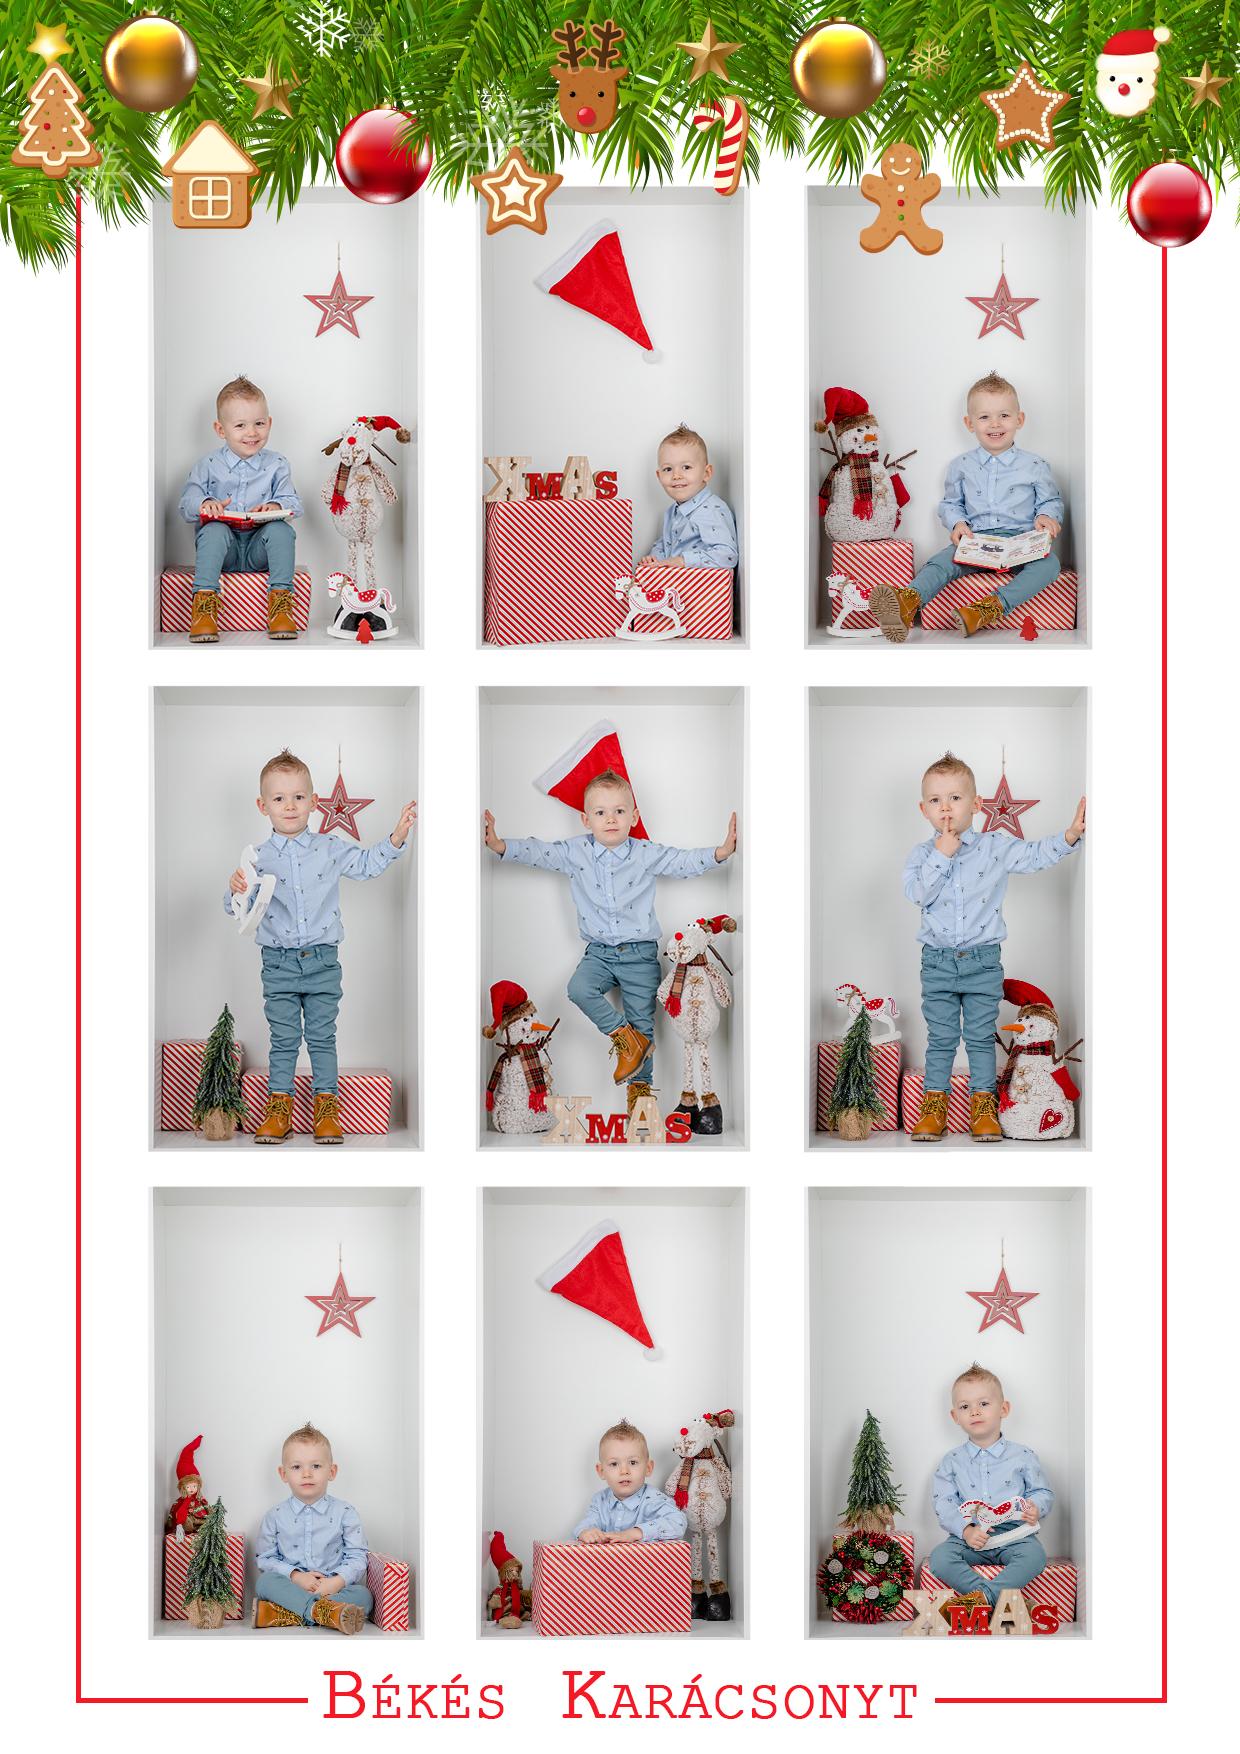 Karácsonyi kuckó fotózás